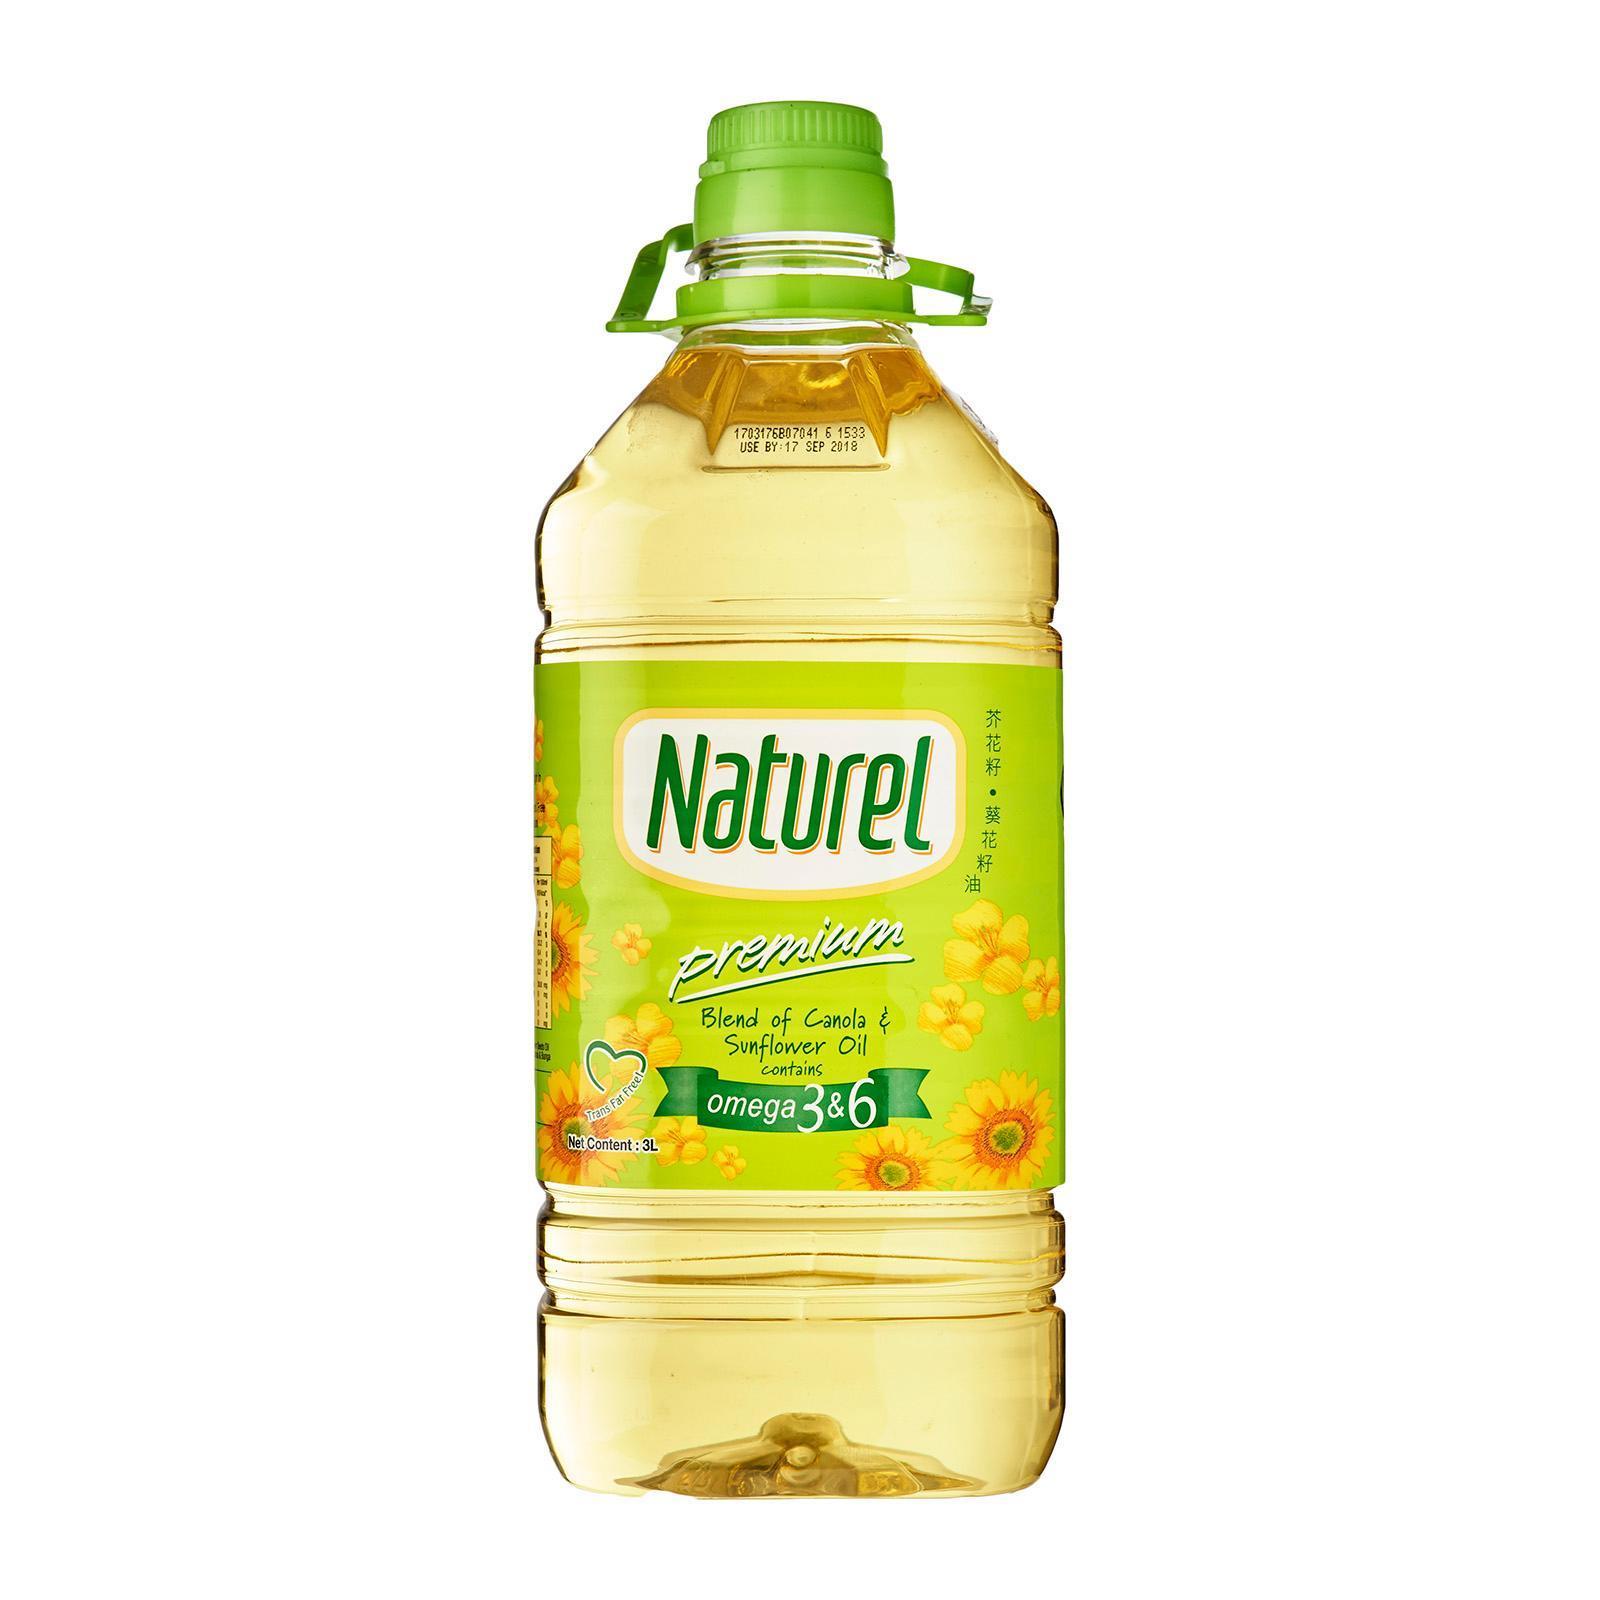 Naturel Premium 3 Liter Oil